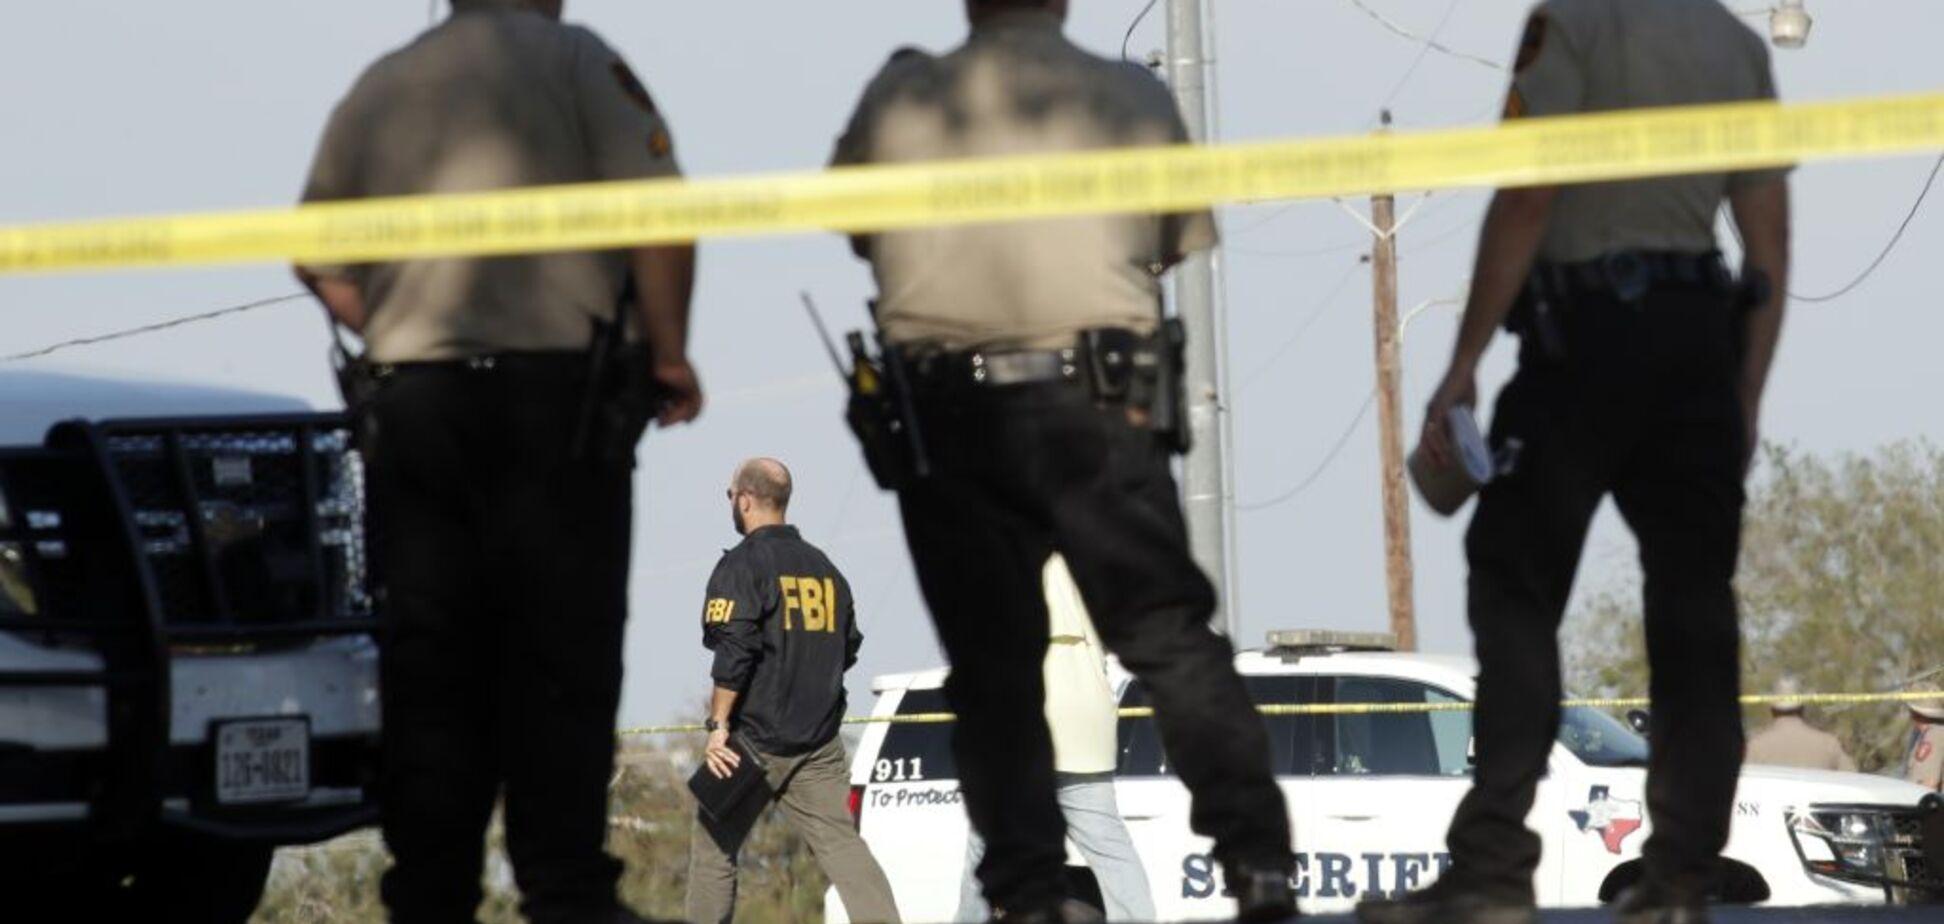 'Жахливий акт зла': Трамп відреагував на стрілянину в Техасі